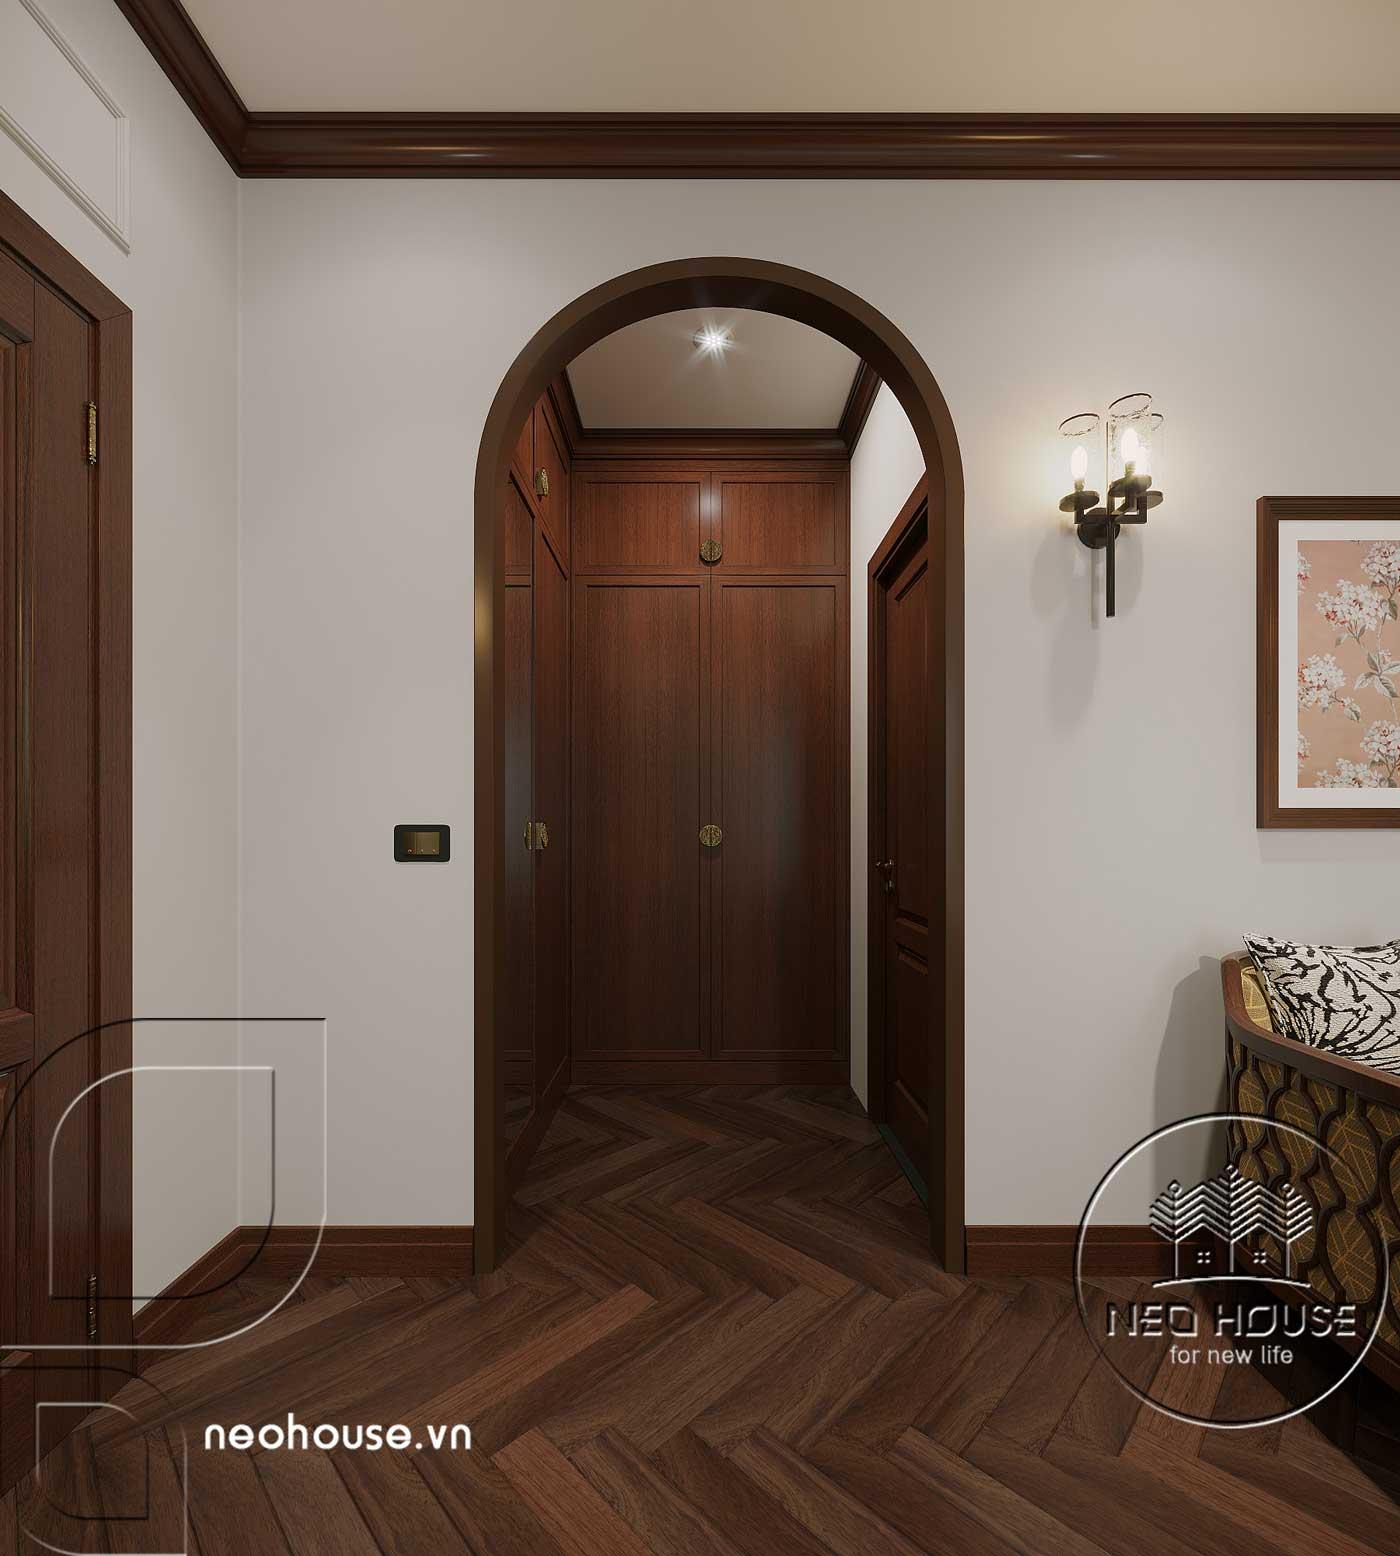 Thiết kế nội thất phong cách Indochine. Ảnh 9